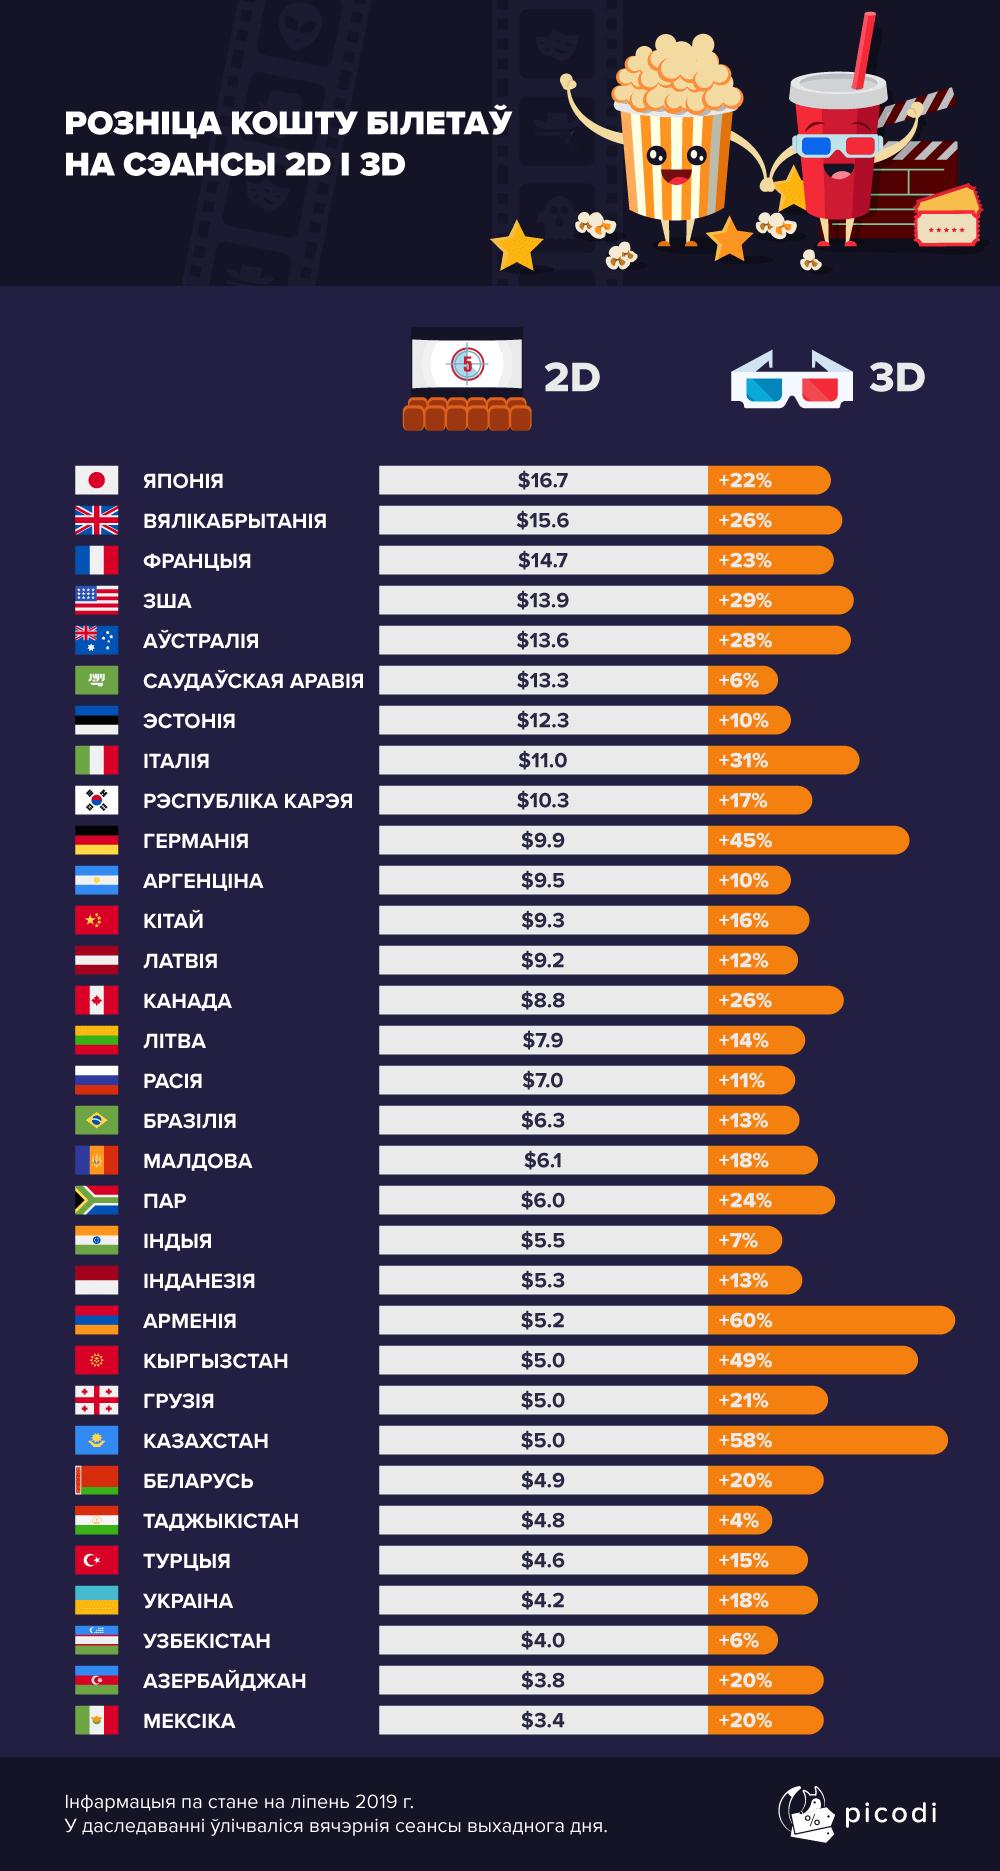 Цены на билеты в кино. Беларусь